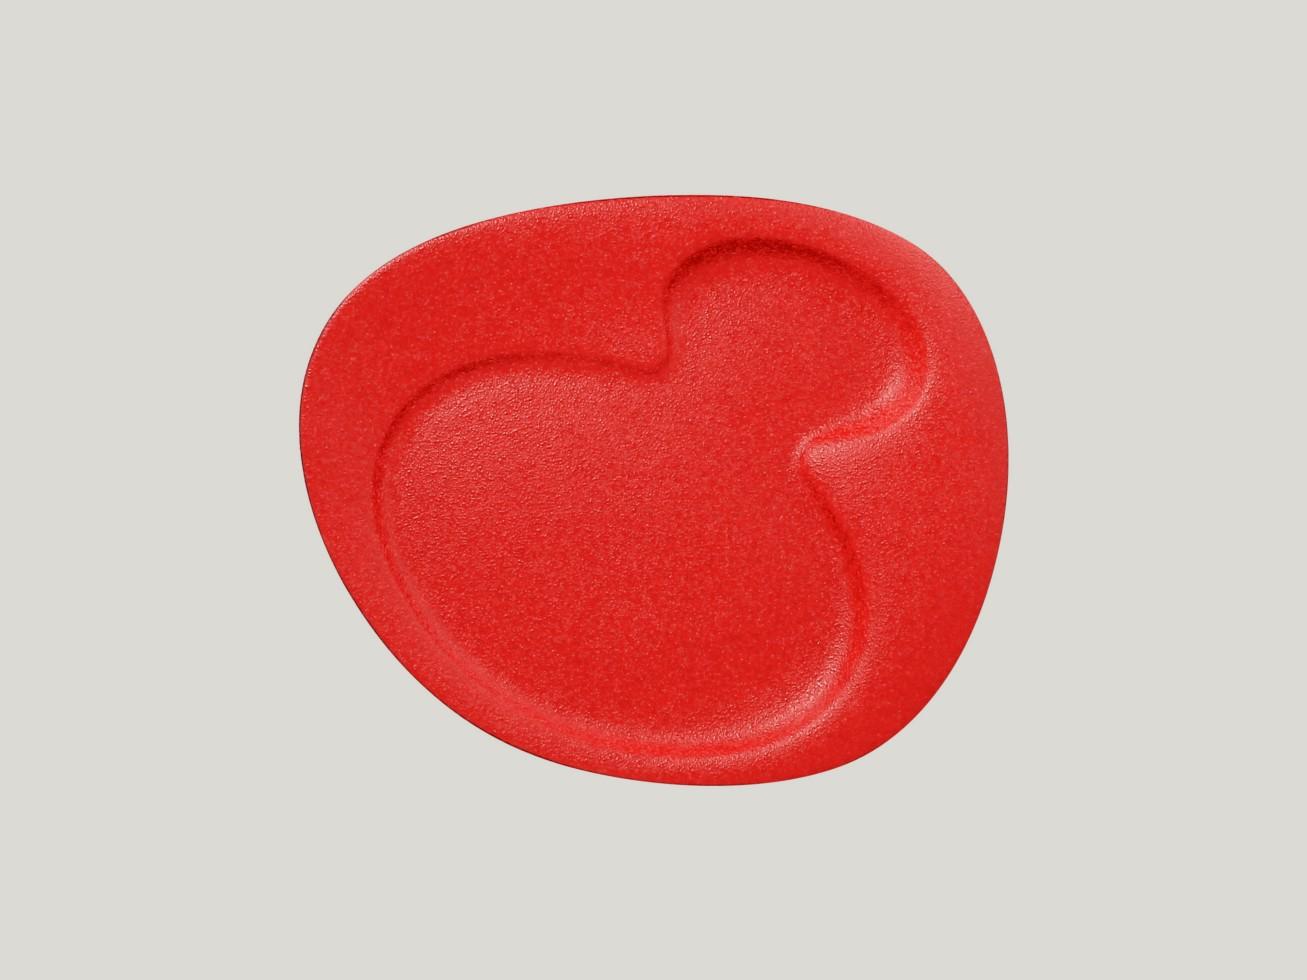 Breakfast talíř - 2 basins - světle červená Neofusion